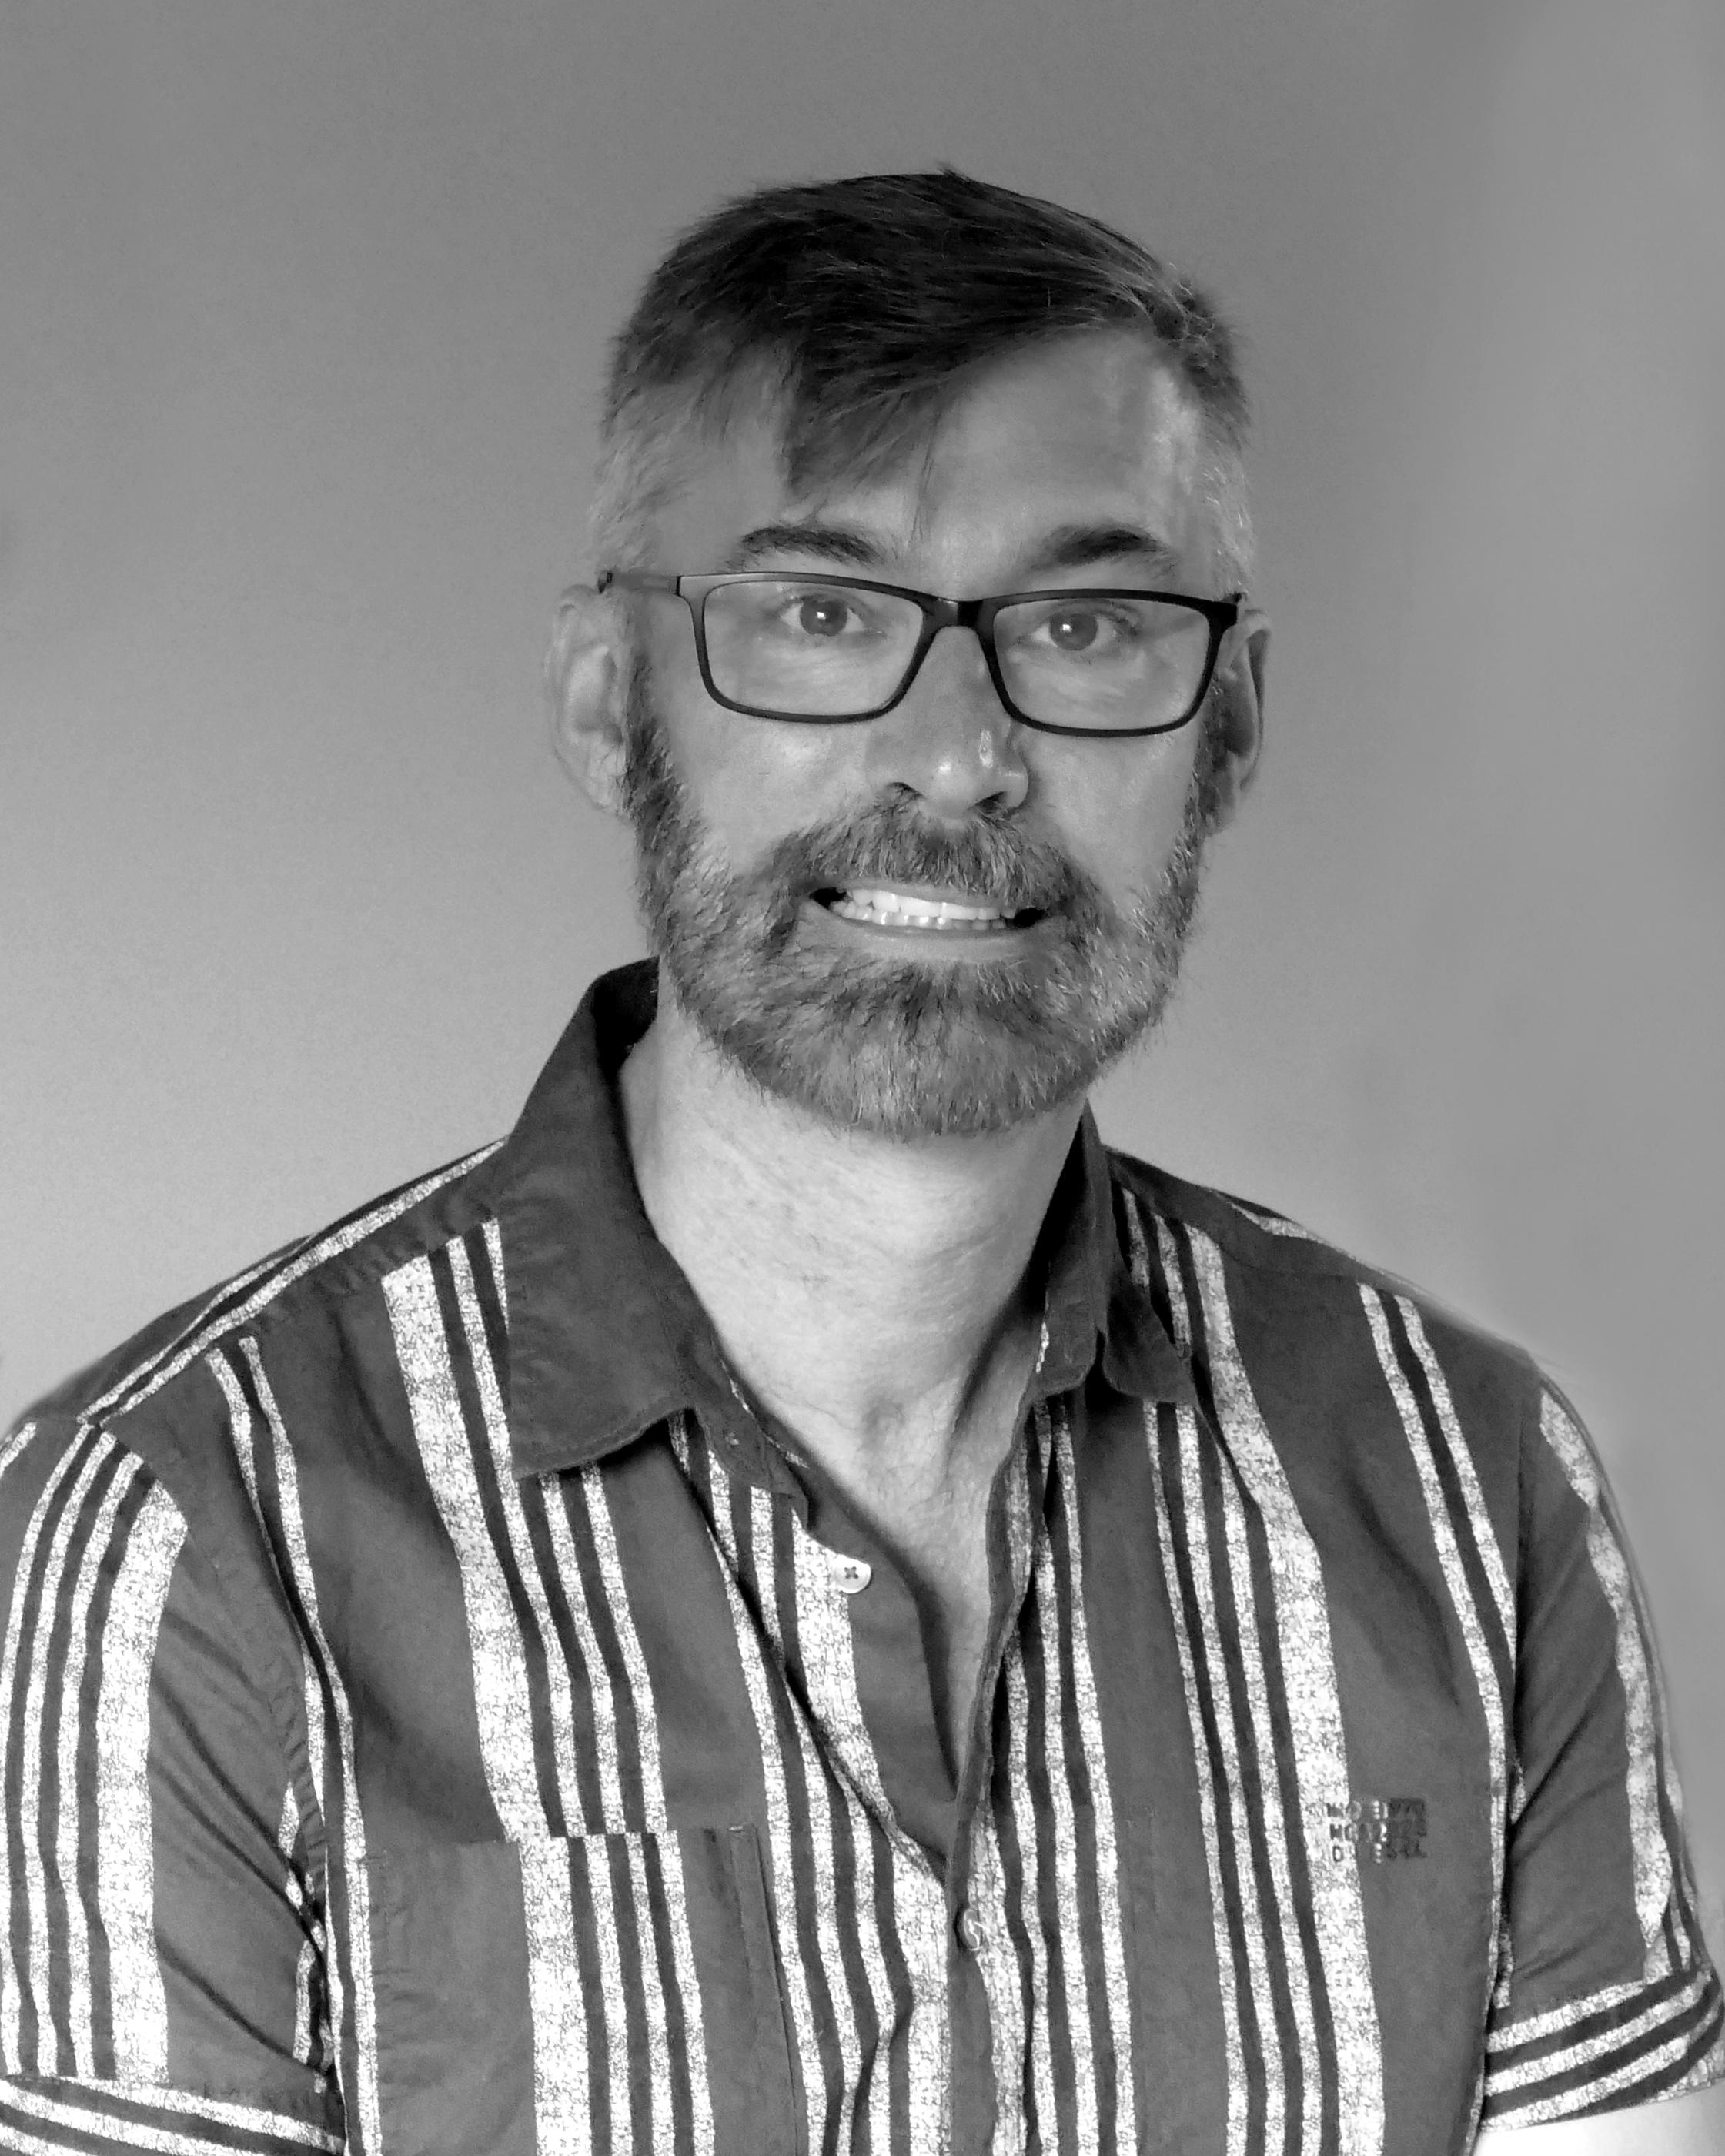 Michael Gordon Bennett